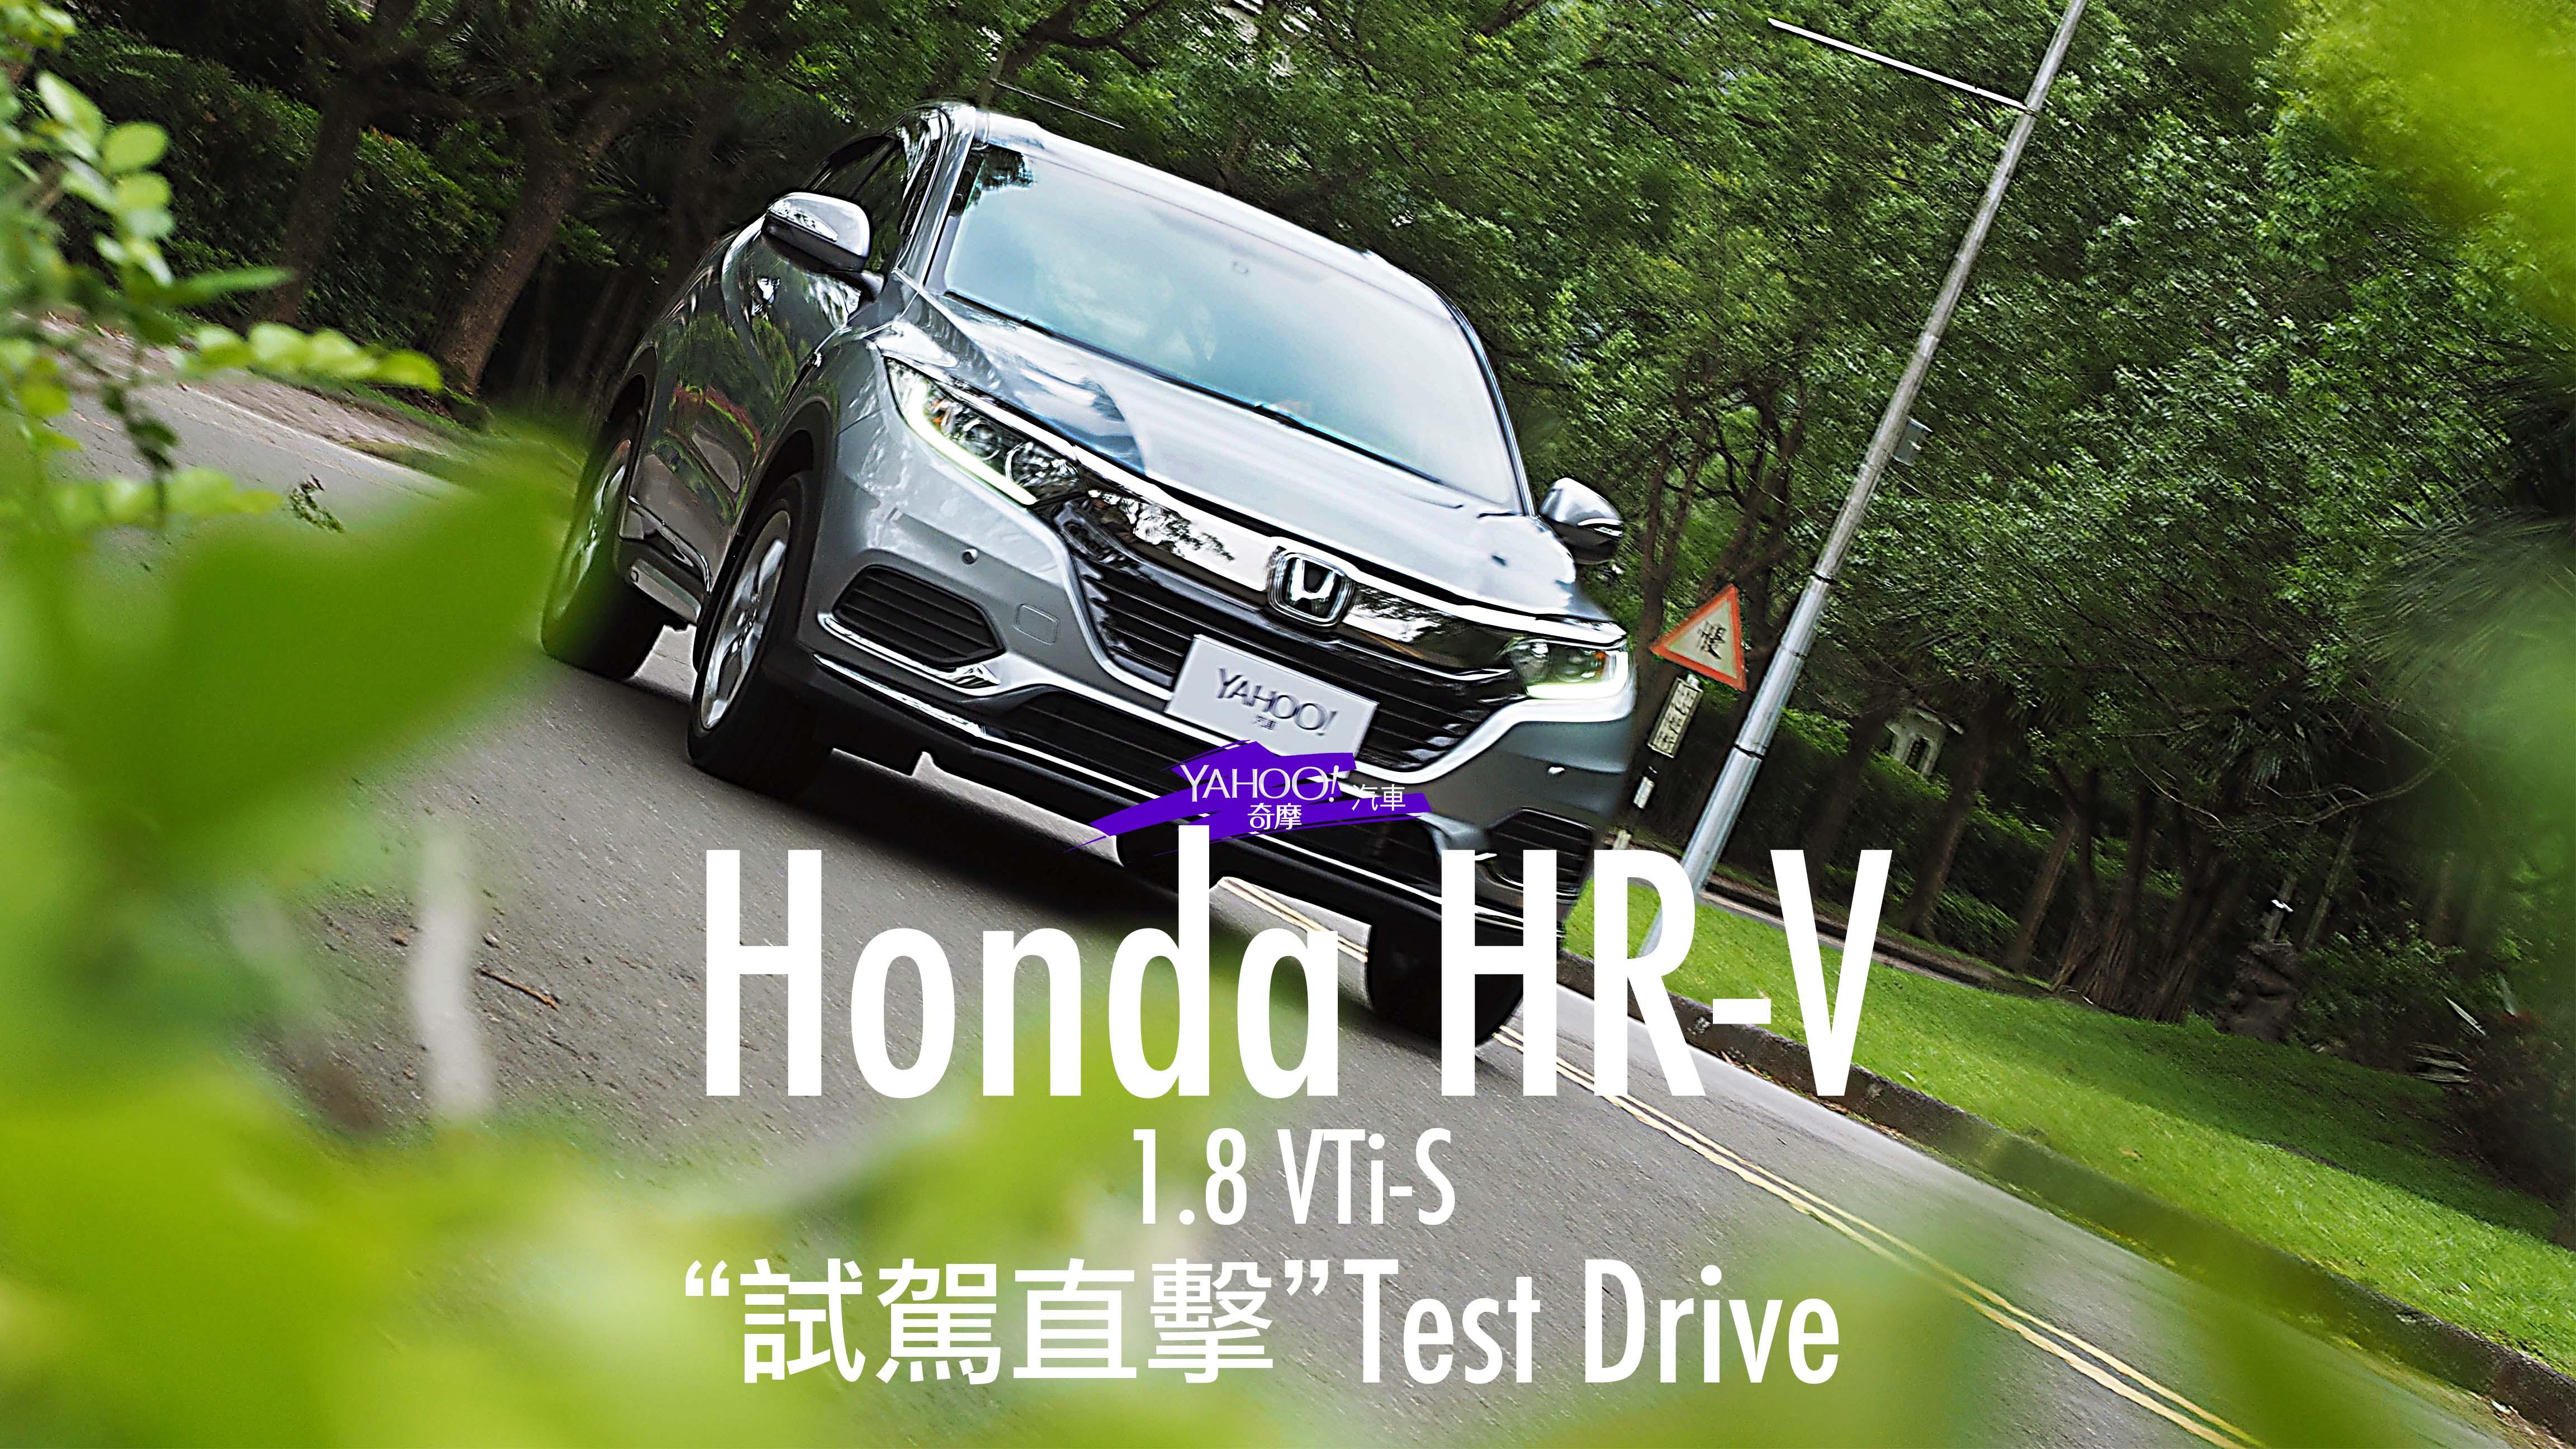 【試駕直擊】本質夠好、才是王道!2019 Honda小改款HR-V VTi-S城郊試駕